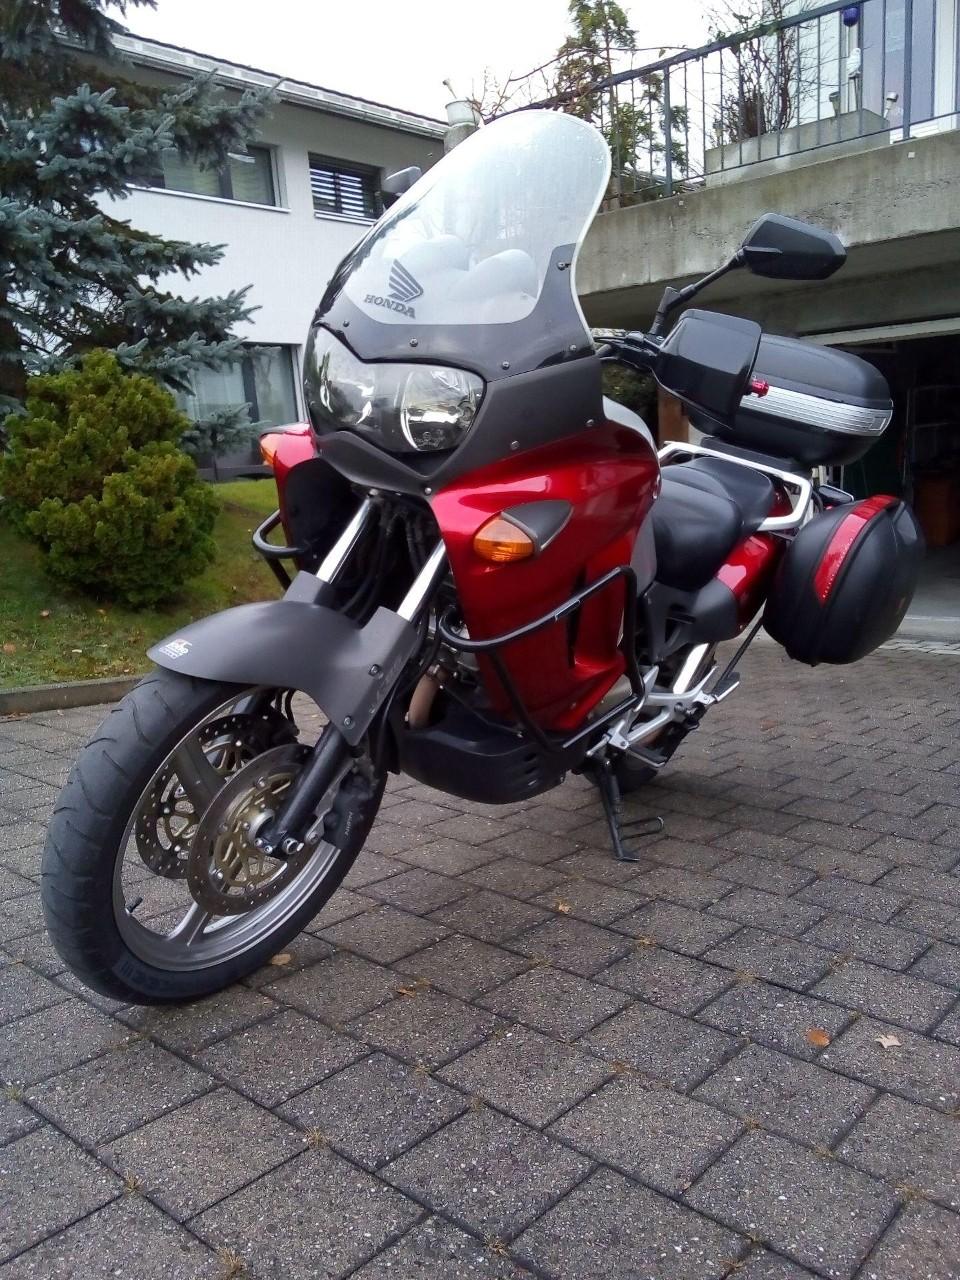 motorrad occasion kaufen honda xl 1000 v varadero moto. Black Bedroom Furniture Sets. Home Design Ideas